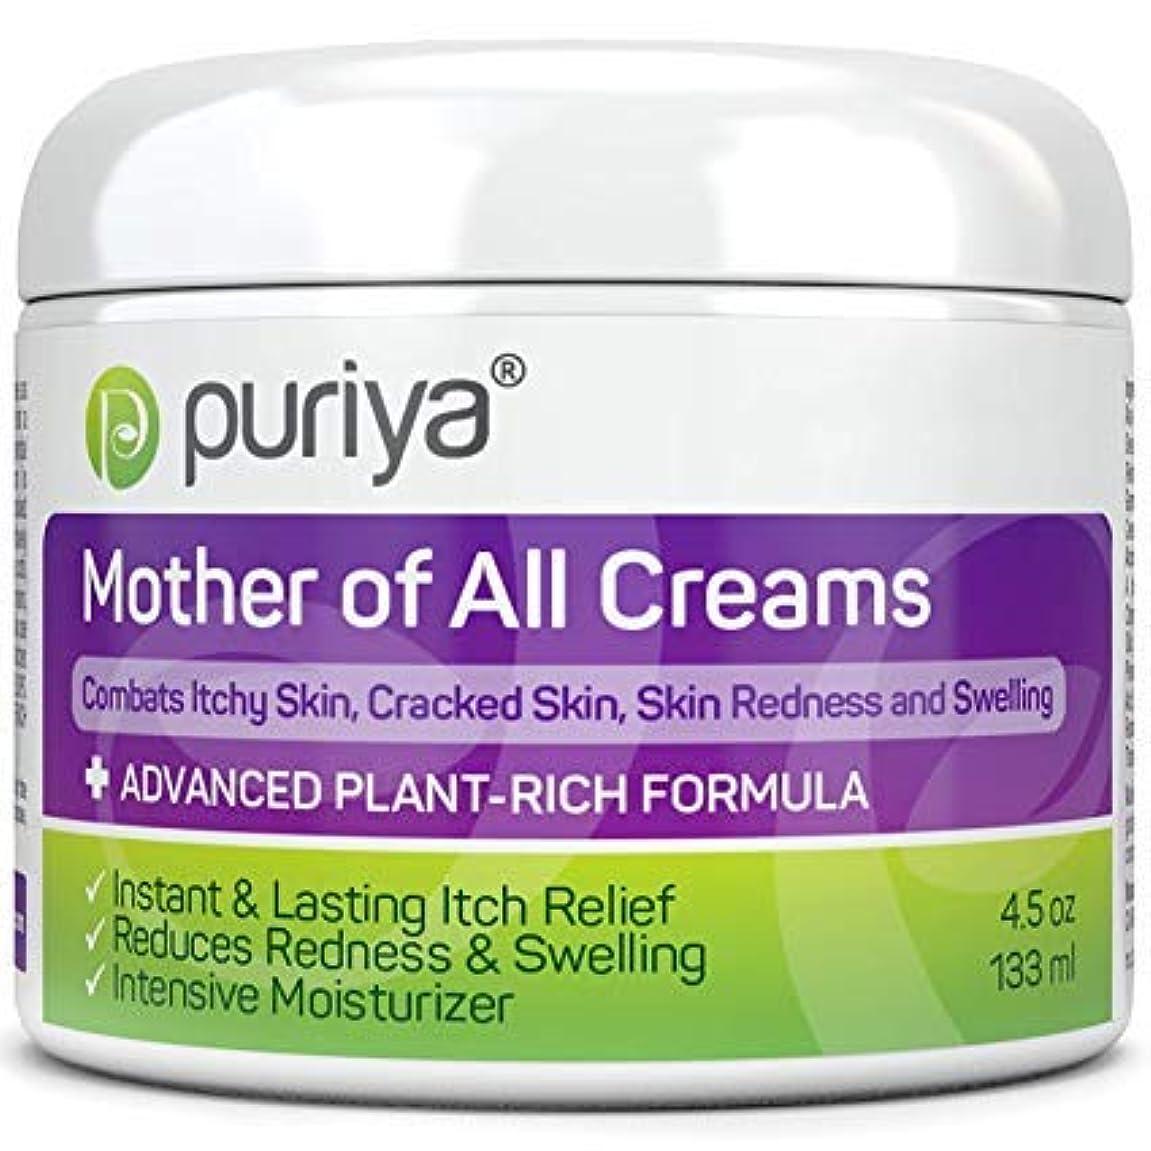 腫瘍脇に日付Puriya マザーオブオールクリーム Mother of All Creams Cream For Eczema, Psoriasis, Dermatitis and Rashes. Powerful Plant Rich...